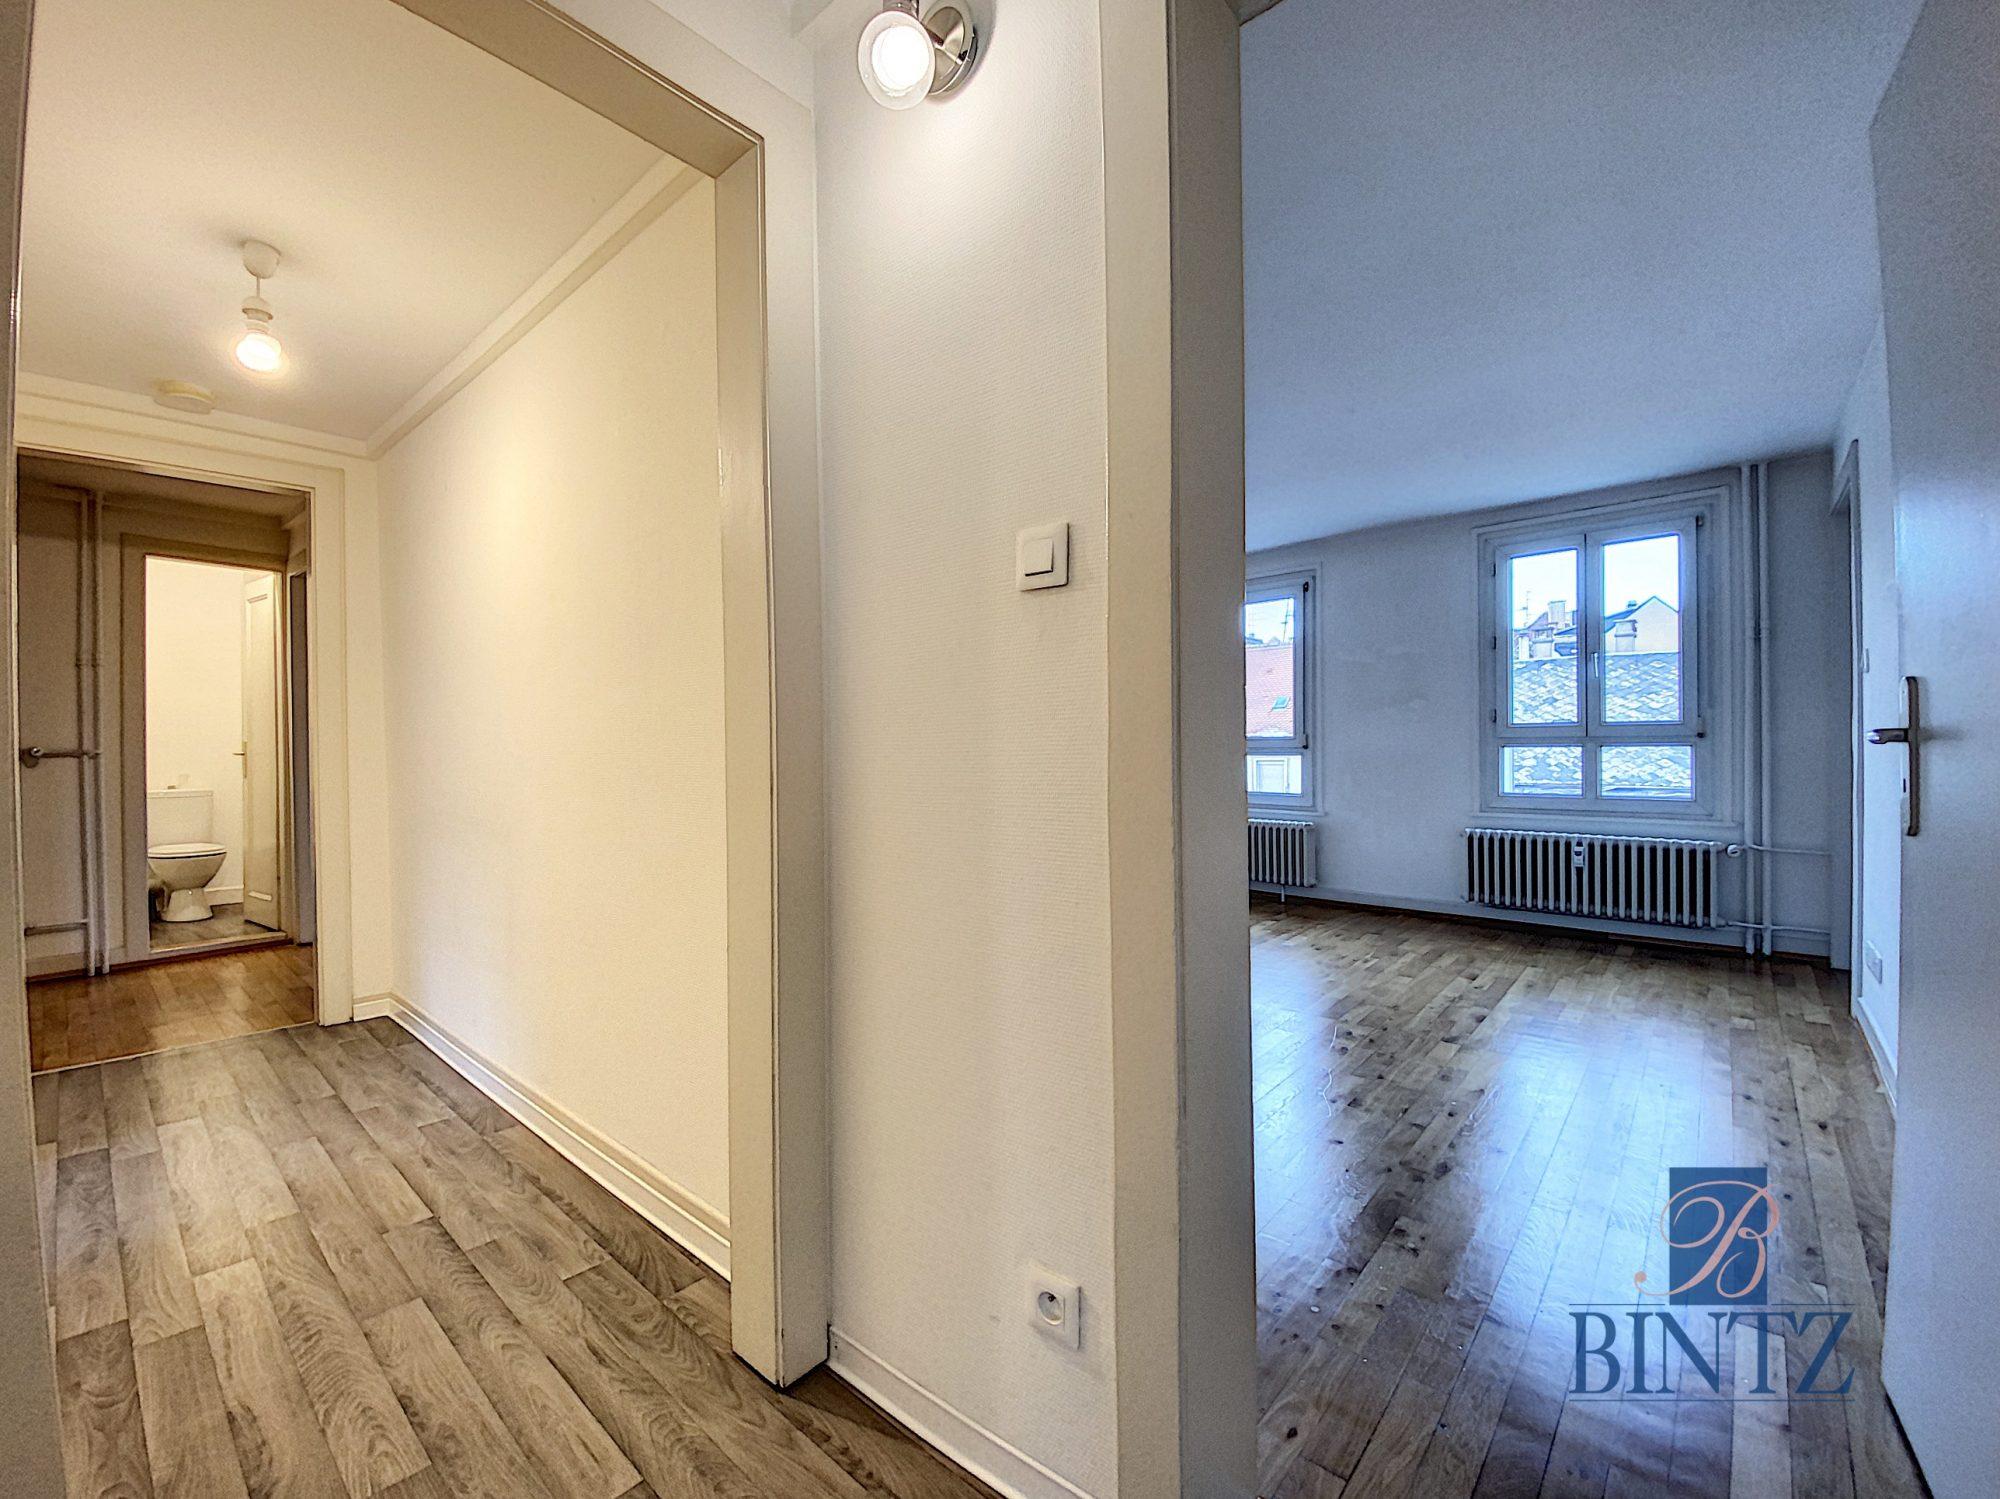 3 PIÈCES HYPERCENTRE - Devenez locataire en toute sérénité - Bintz Immobilier - 18